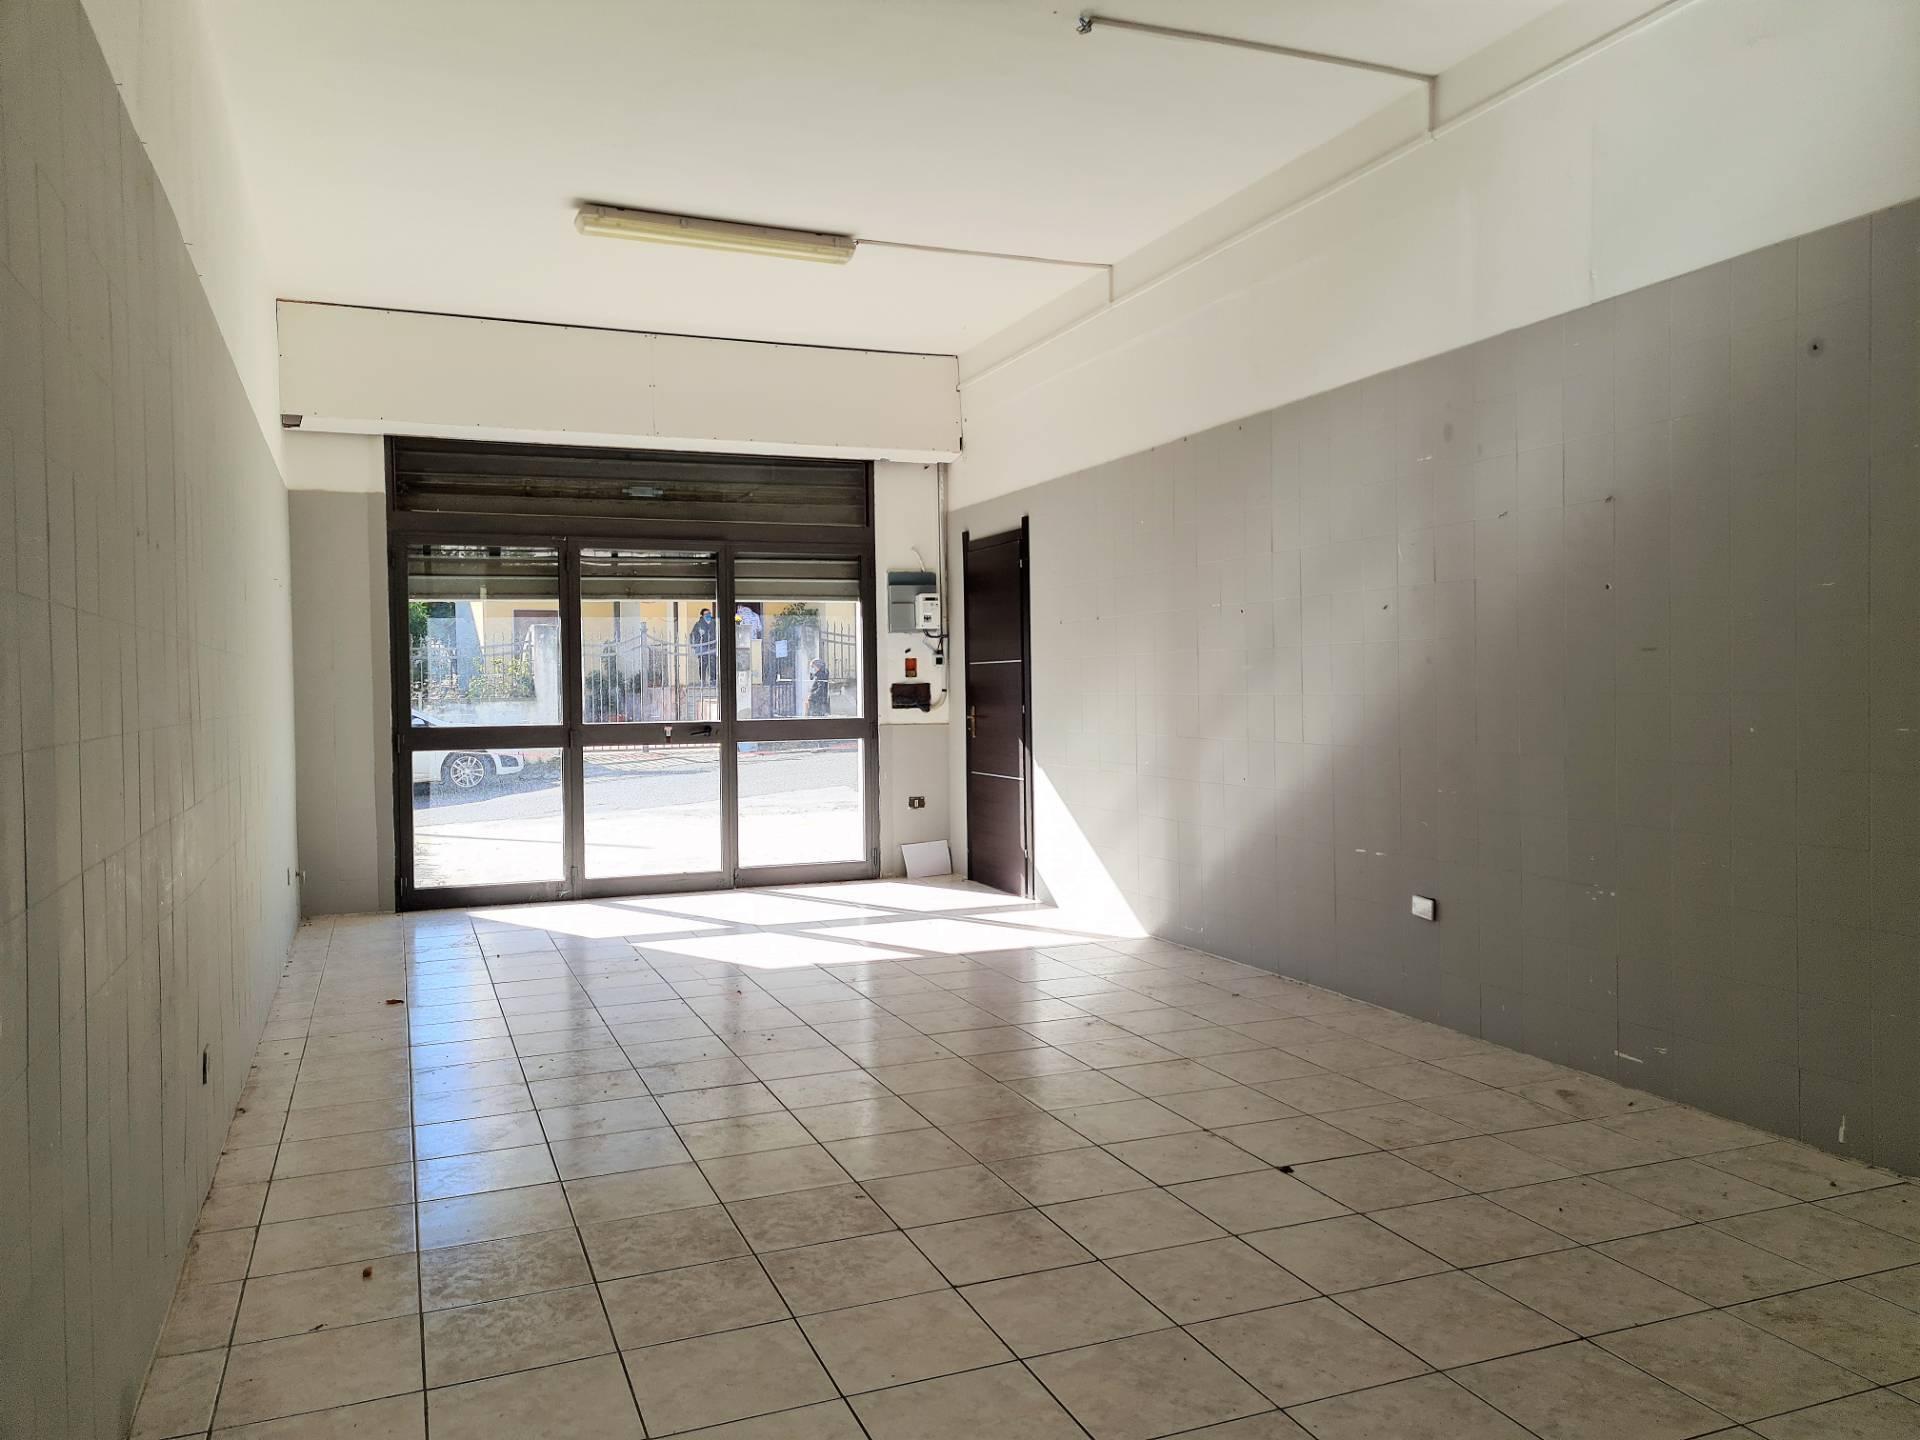 Negozio / Locale in vendita a Catanzaro, 9999 locali, zona Località: Fortuna, prezzo € 110.000 | CambioCasa.it